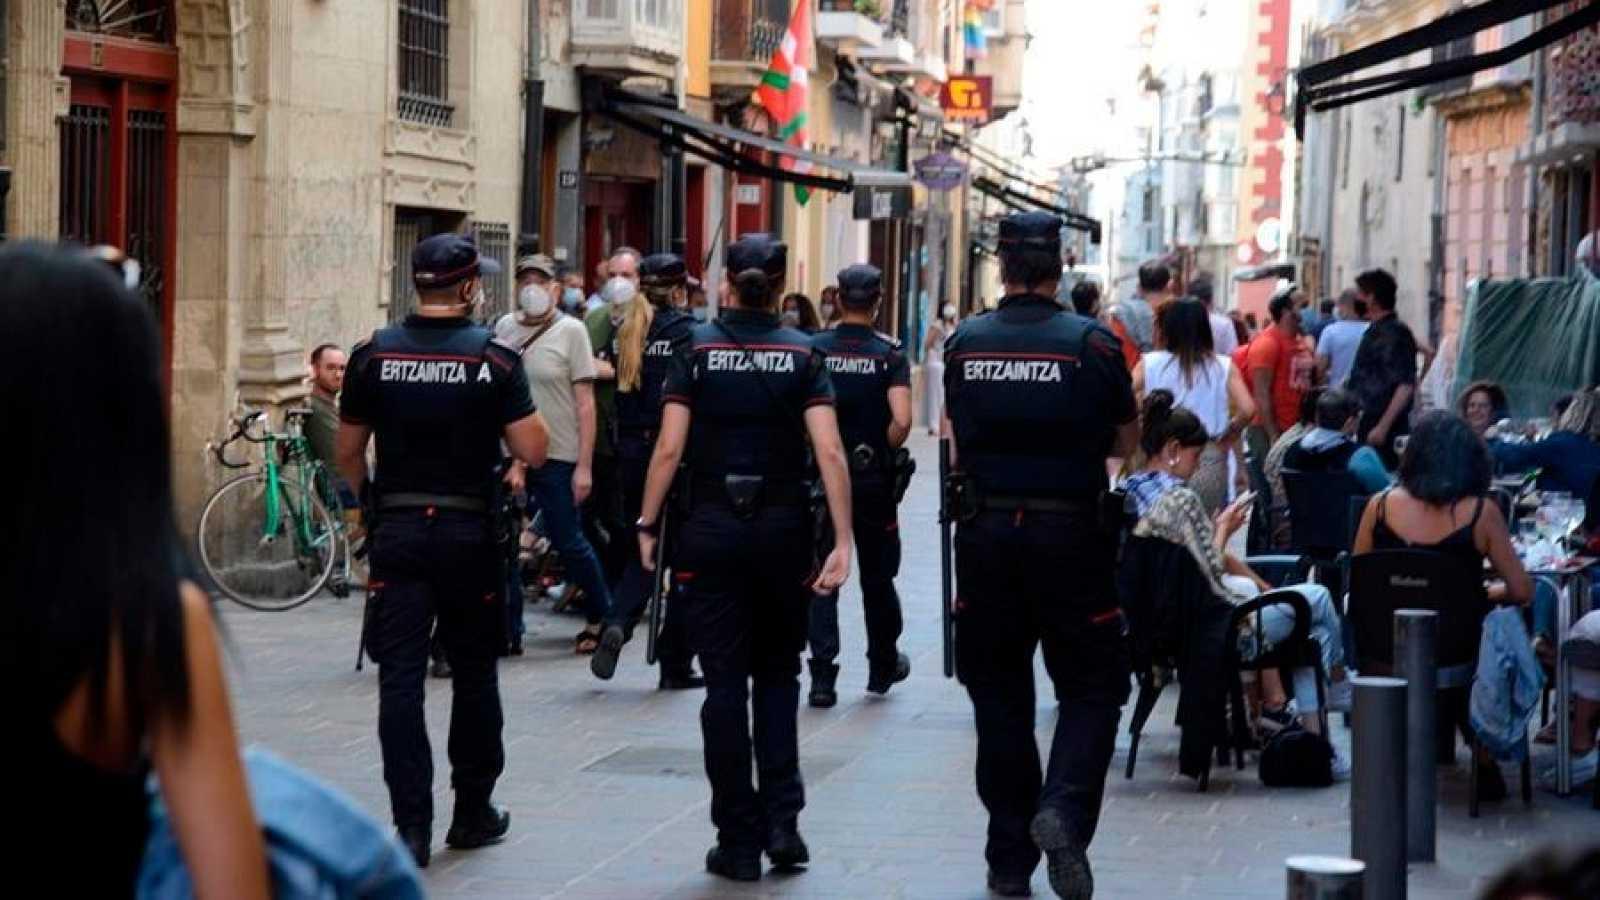 Agentes de la Ertzaintza vigilan las calles del casco viejo de Vitoria.